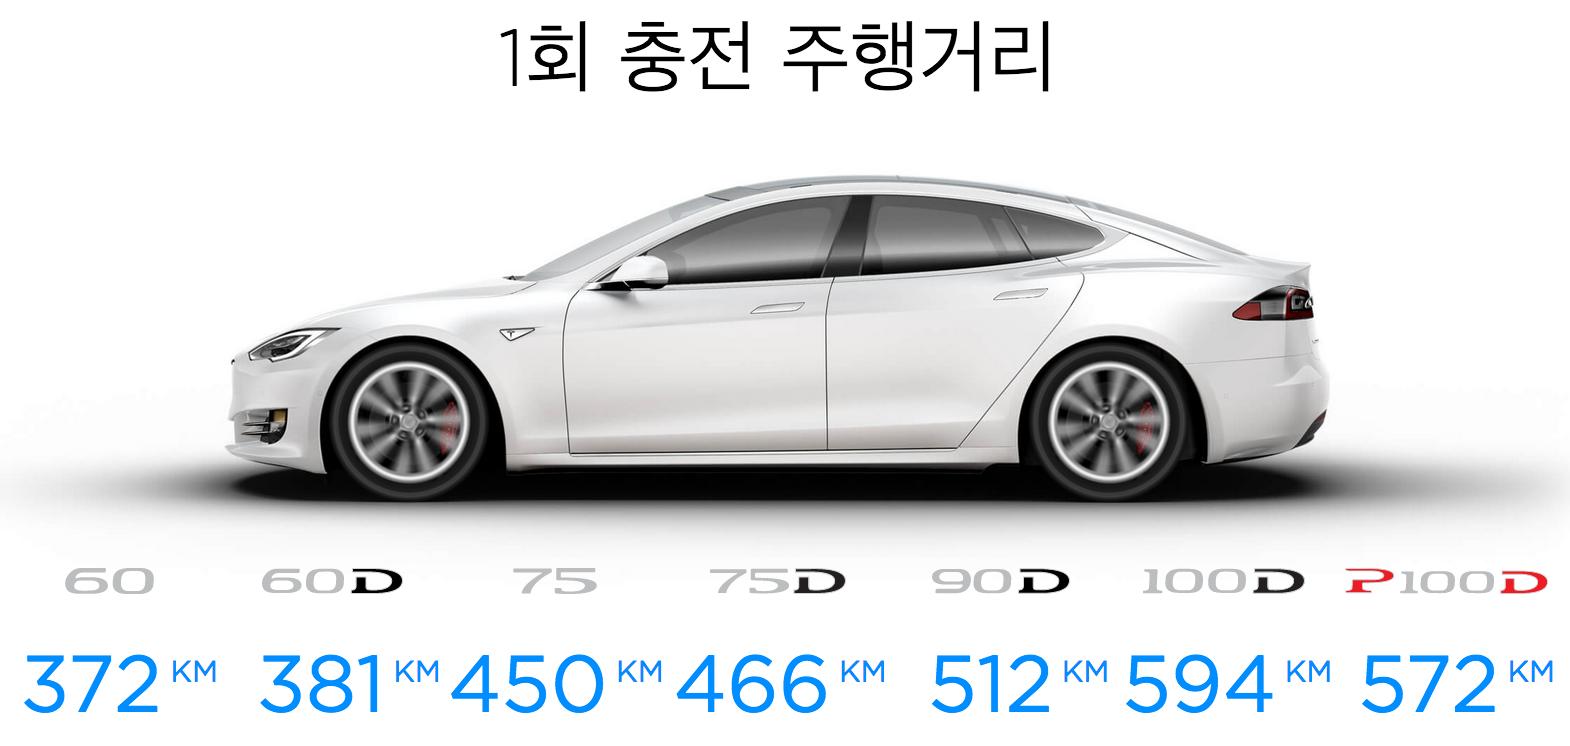 테슬라 모델 S 주행거리